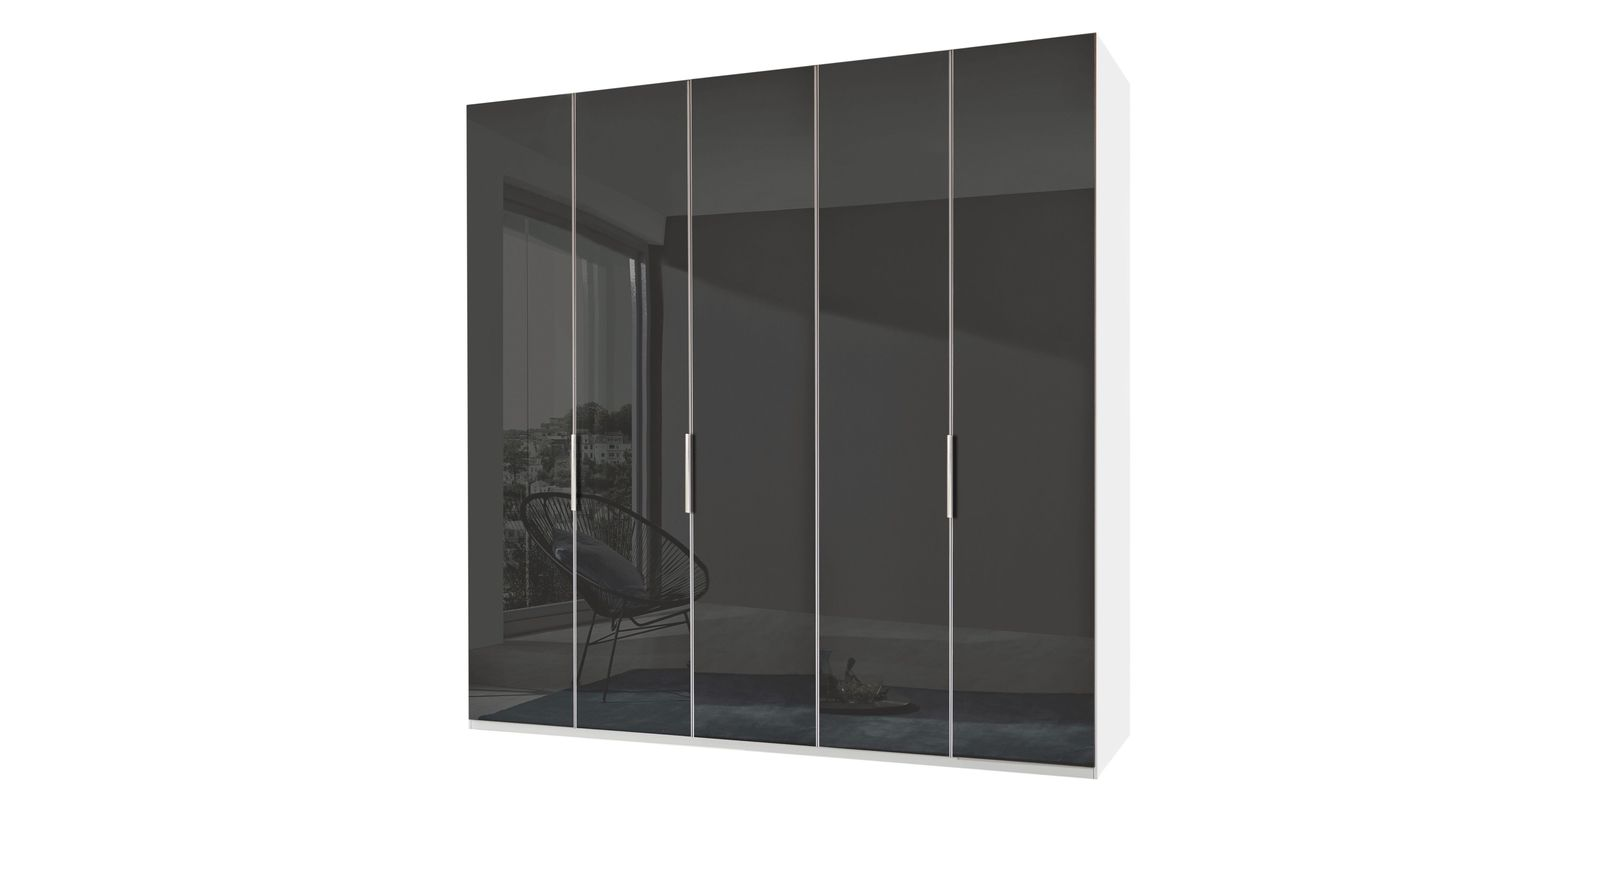 Drehtüren-Kleiderschrank Tramonti mit eleganter Glasfront